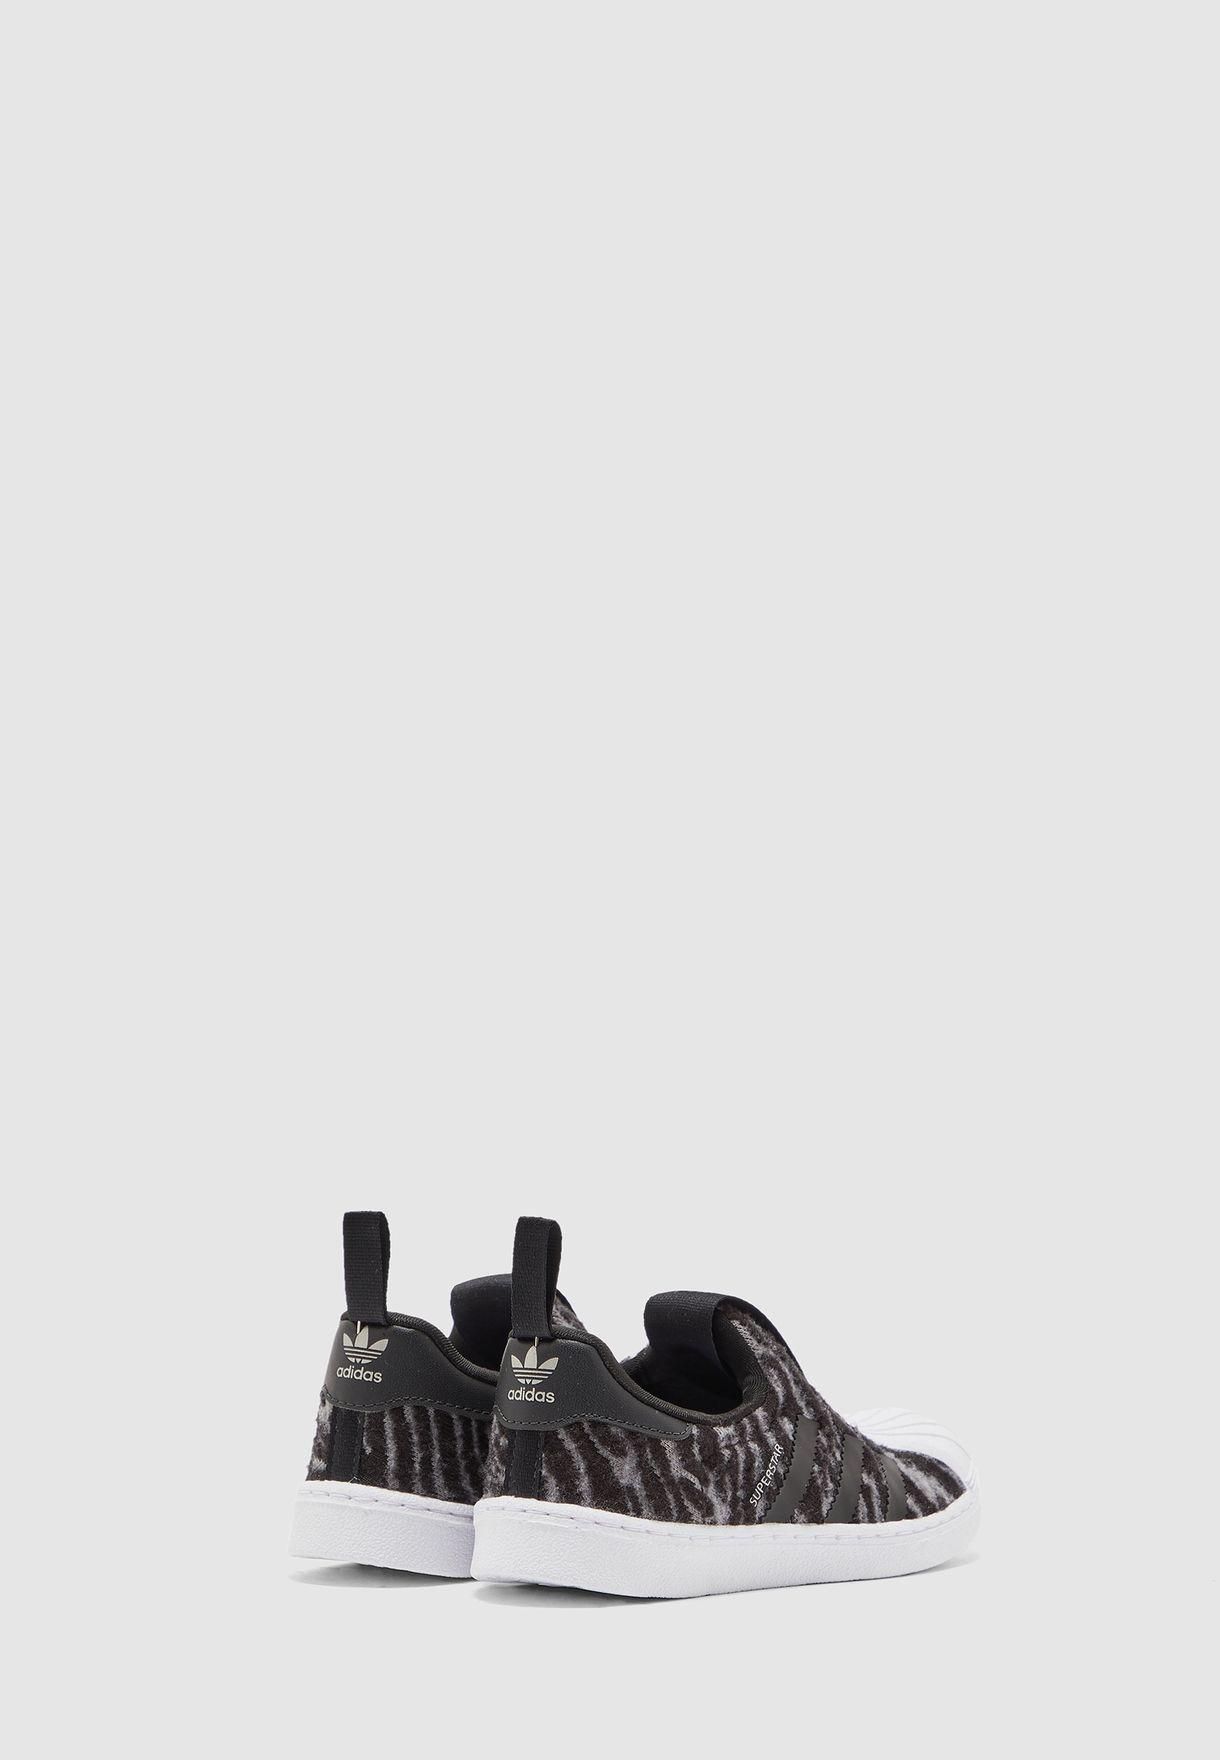 حذاء سوبر ستار 360 للبيبي